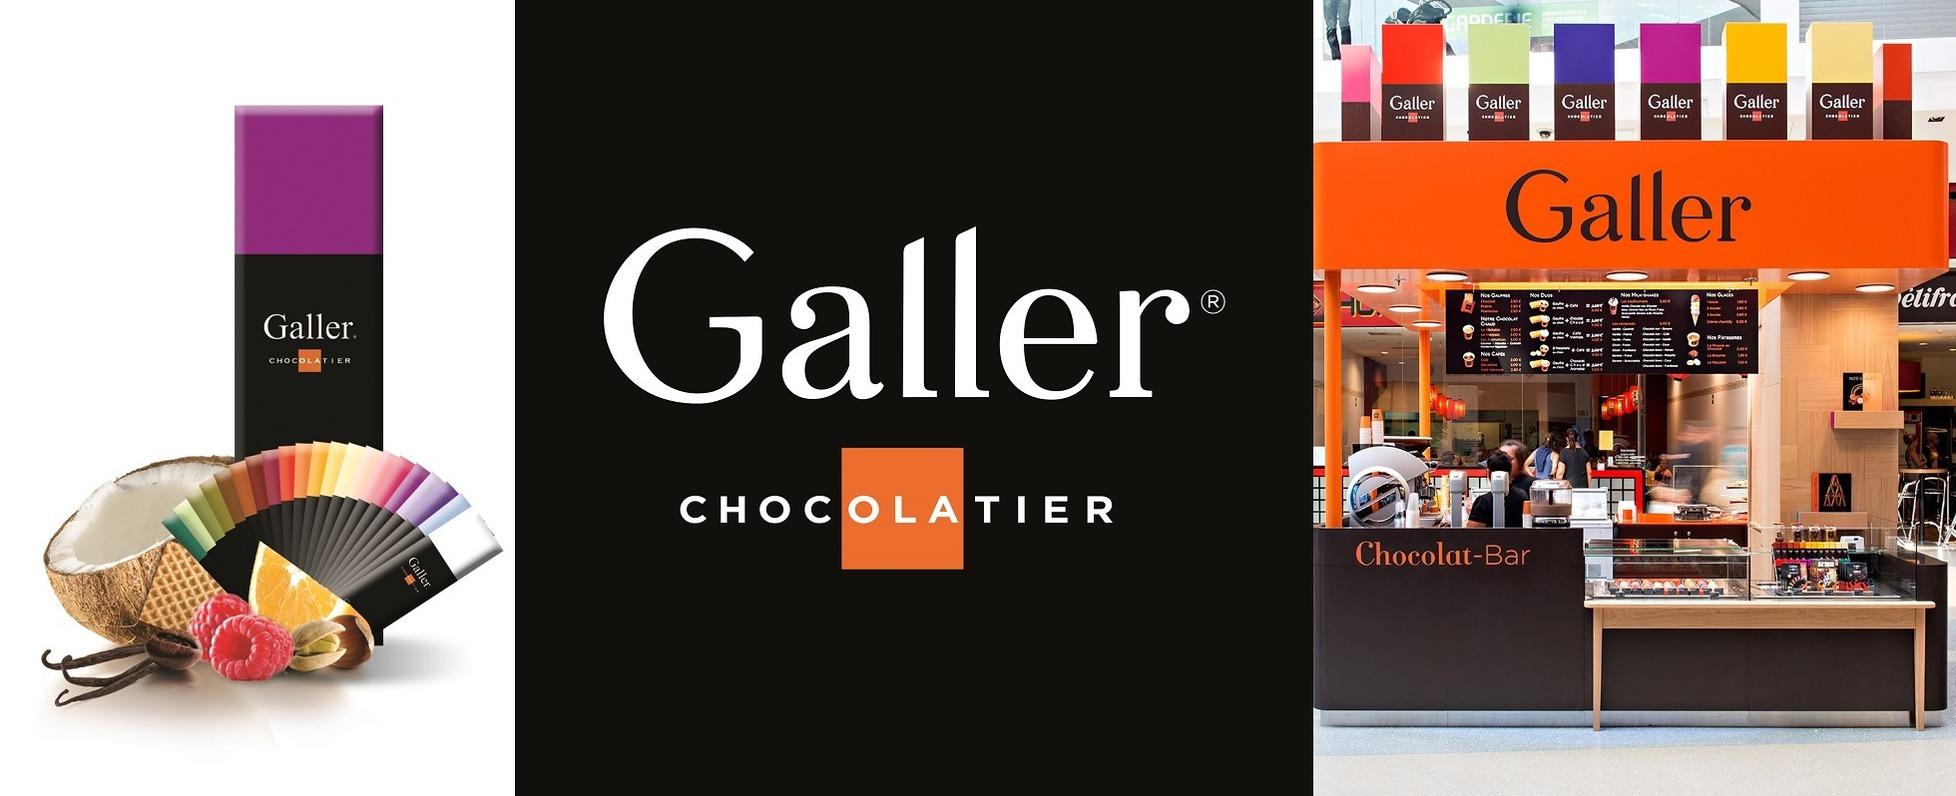 ベルギー王室御用達チョコレート galler のオフィシャルライター募集